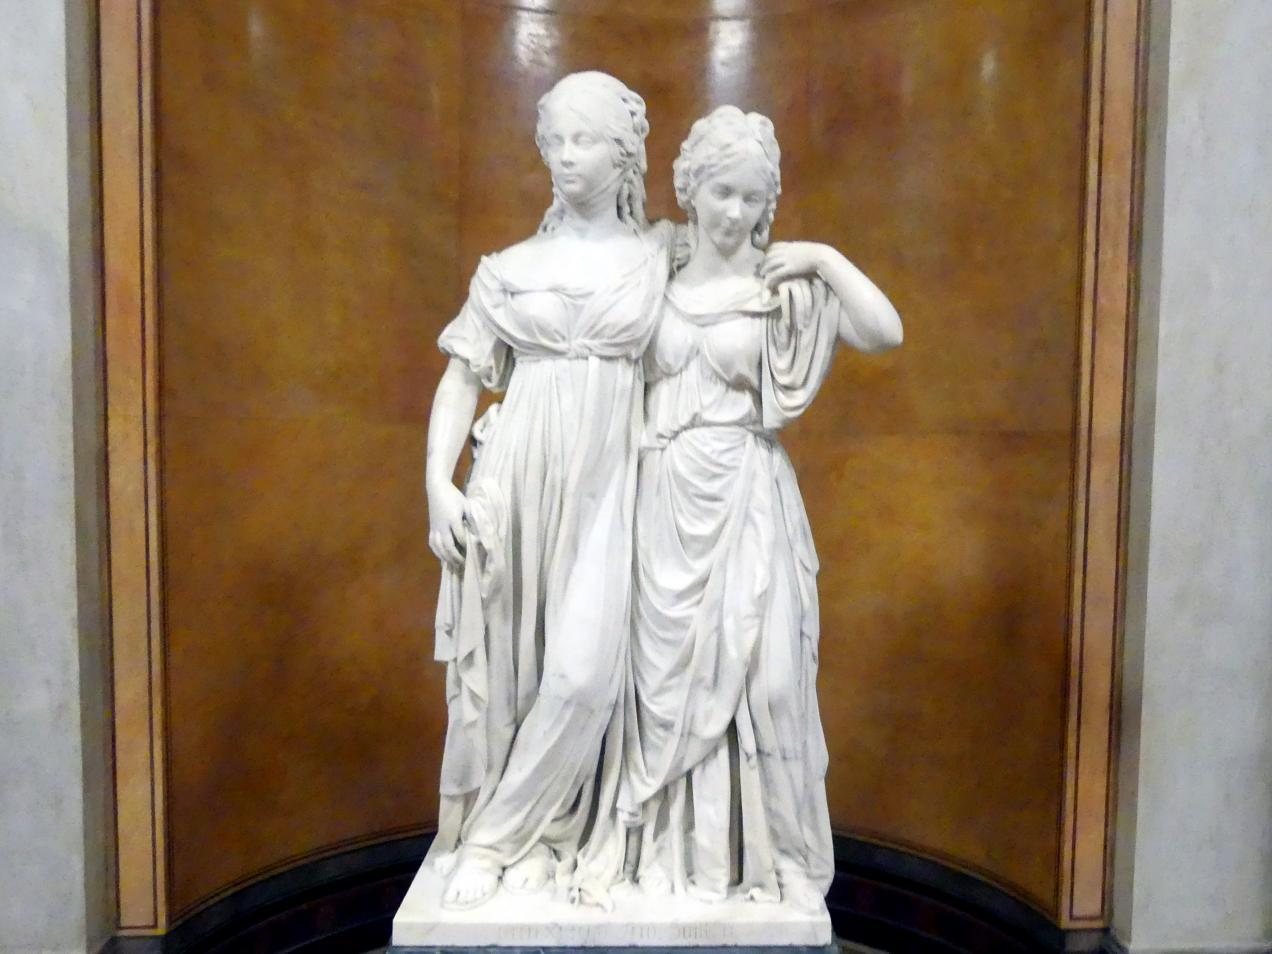 Johann Gottfried Schadow: Doppelstandbild der Prinzessinnen Luise und Friederike von Preußen, 1795 - 1797